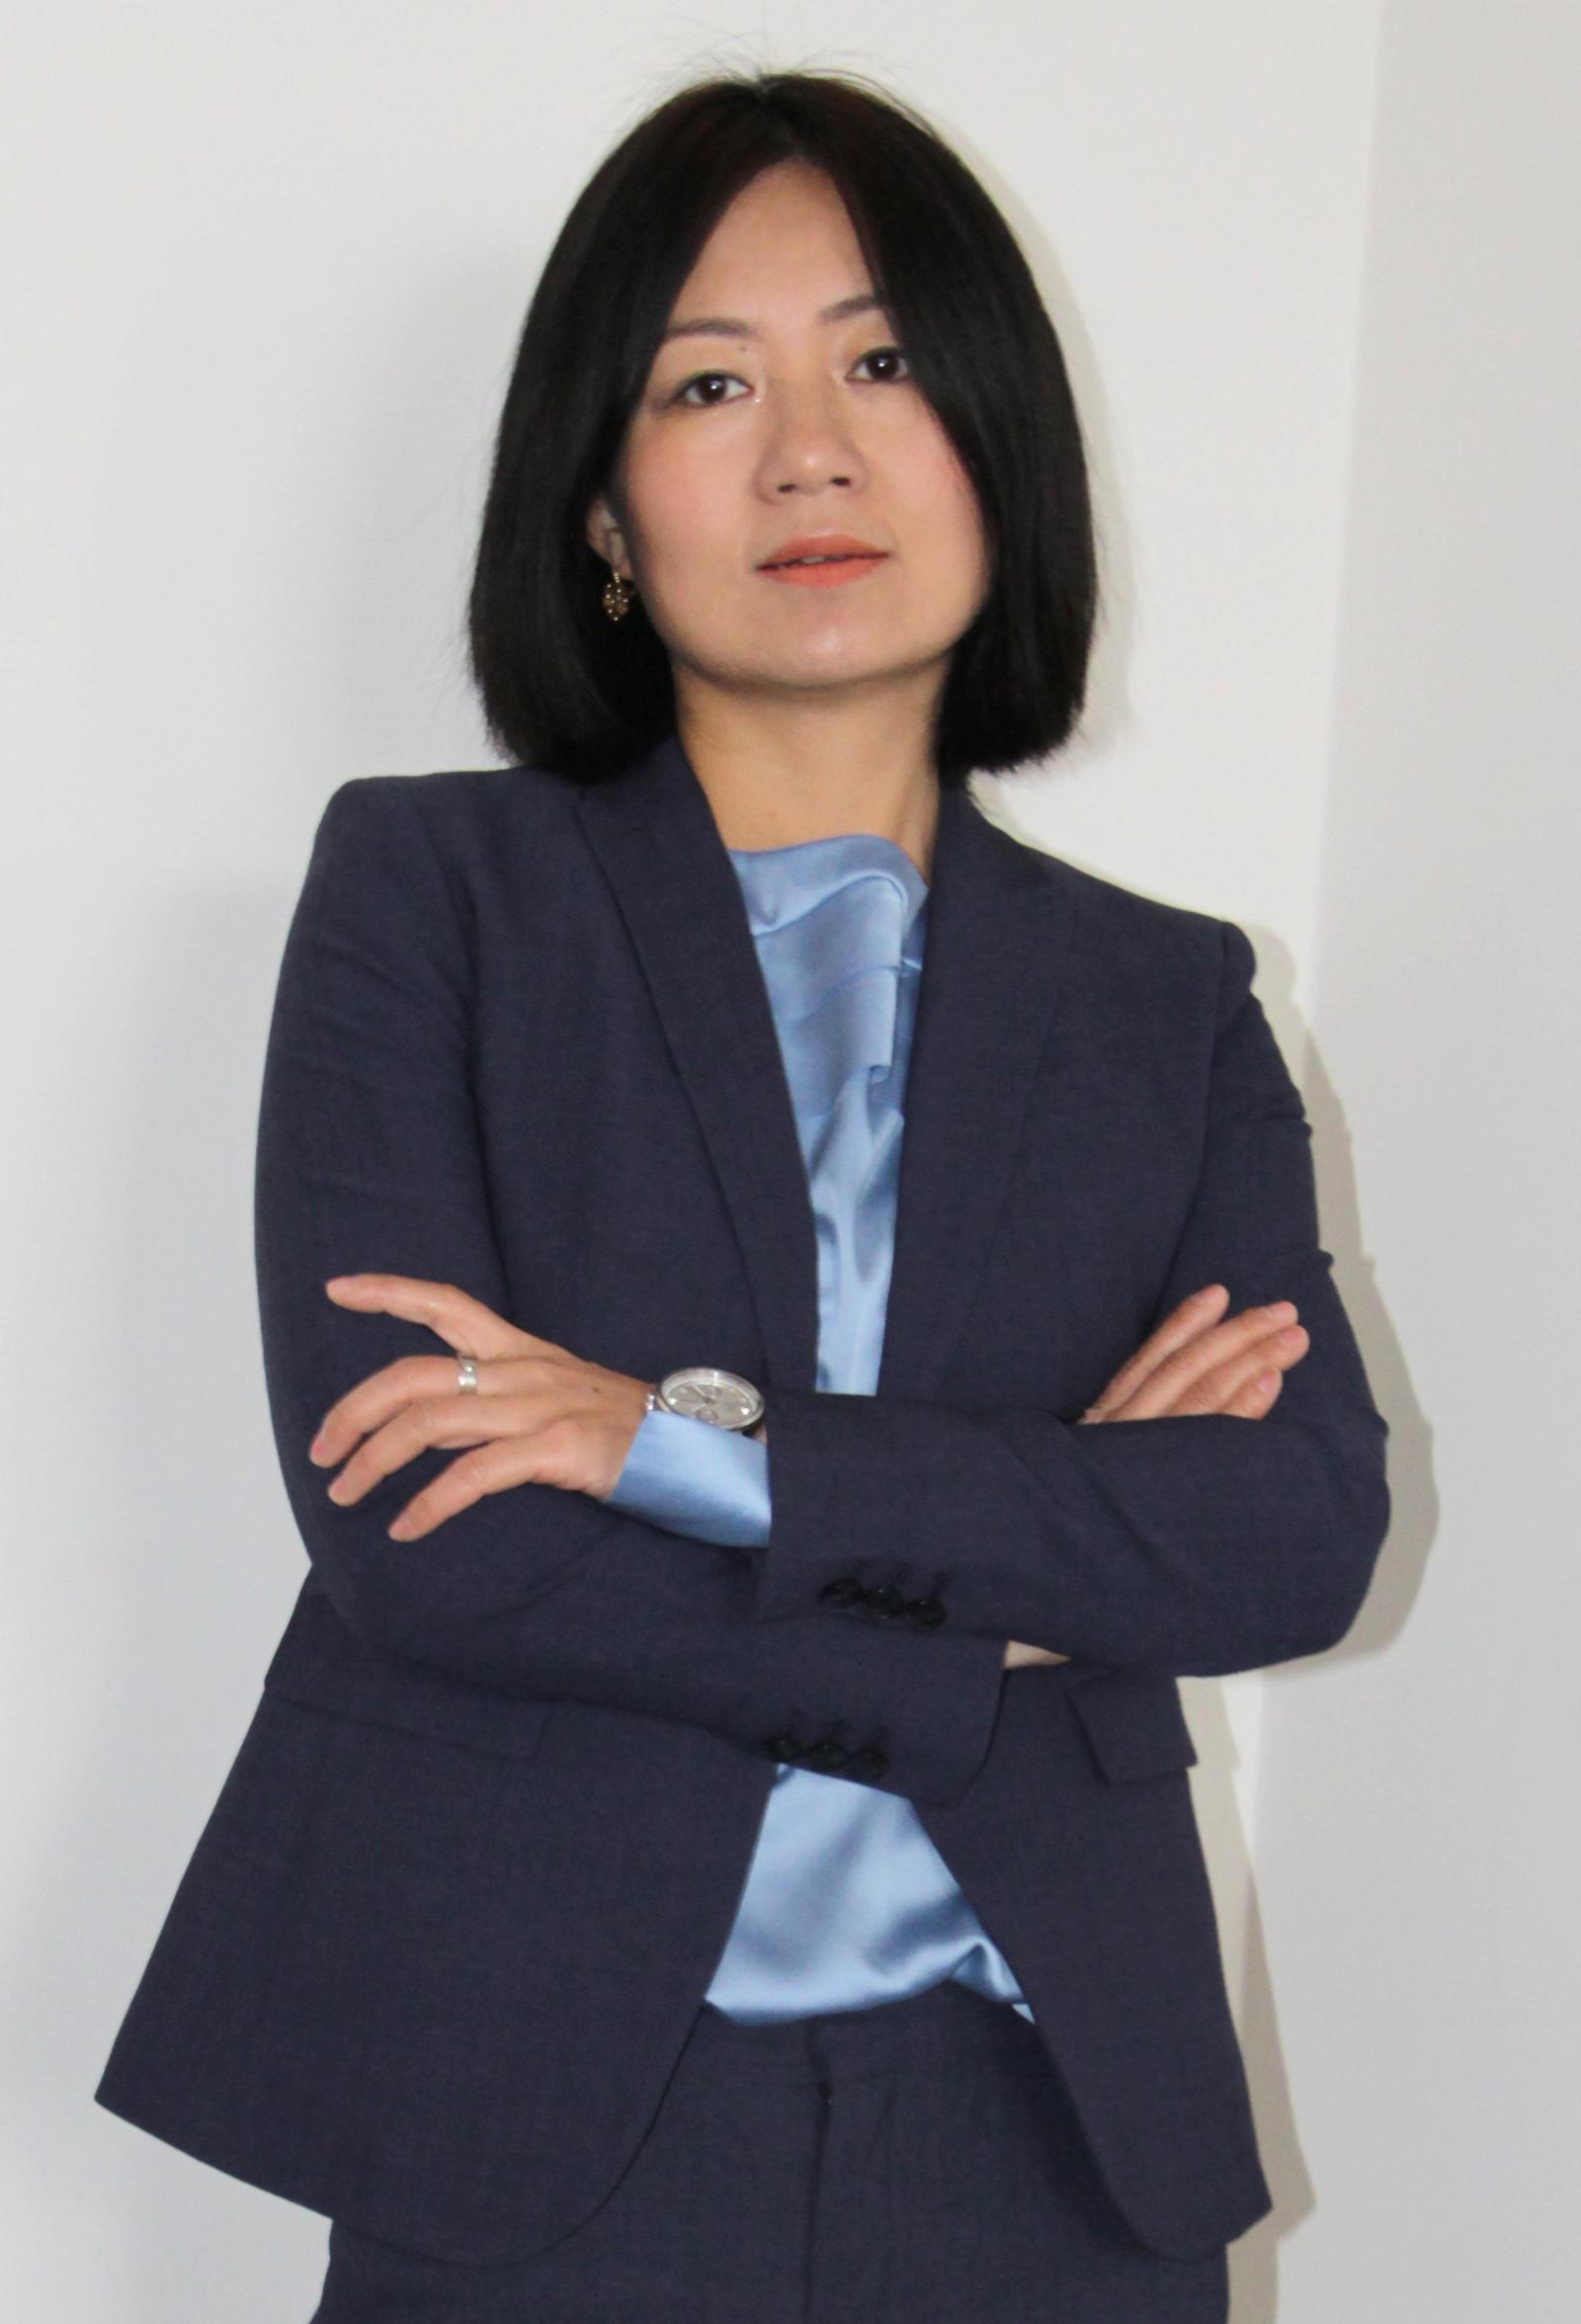 Xingxia (Ella) Hao